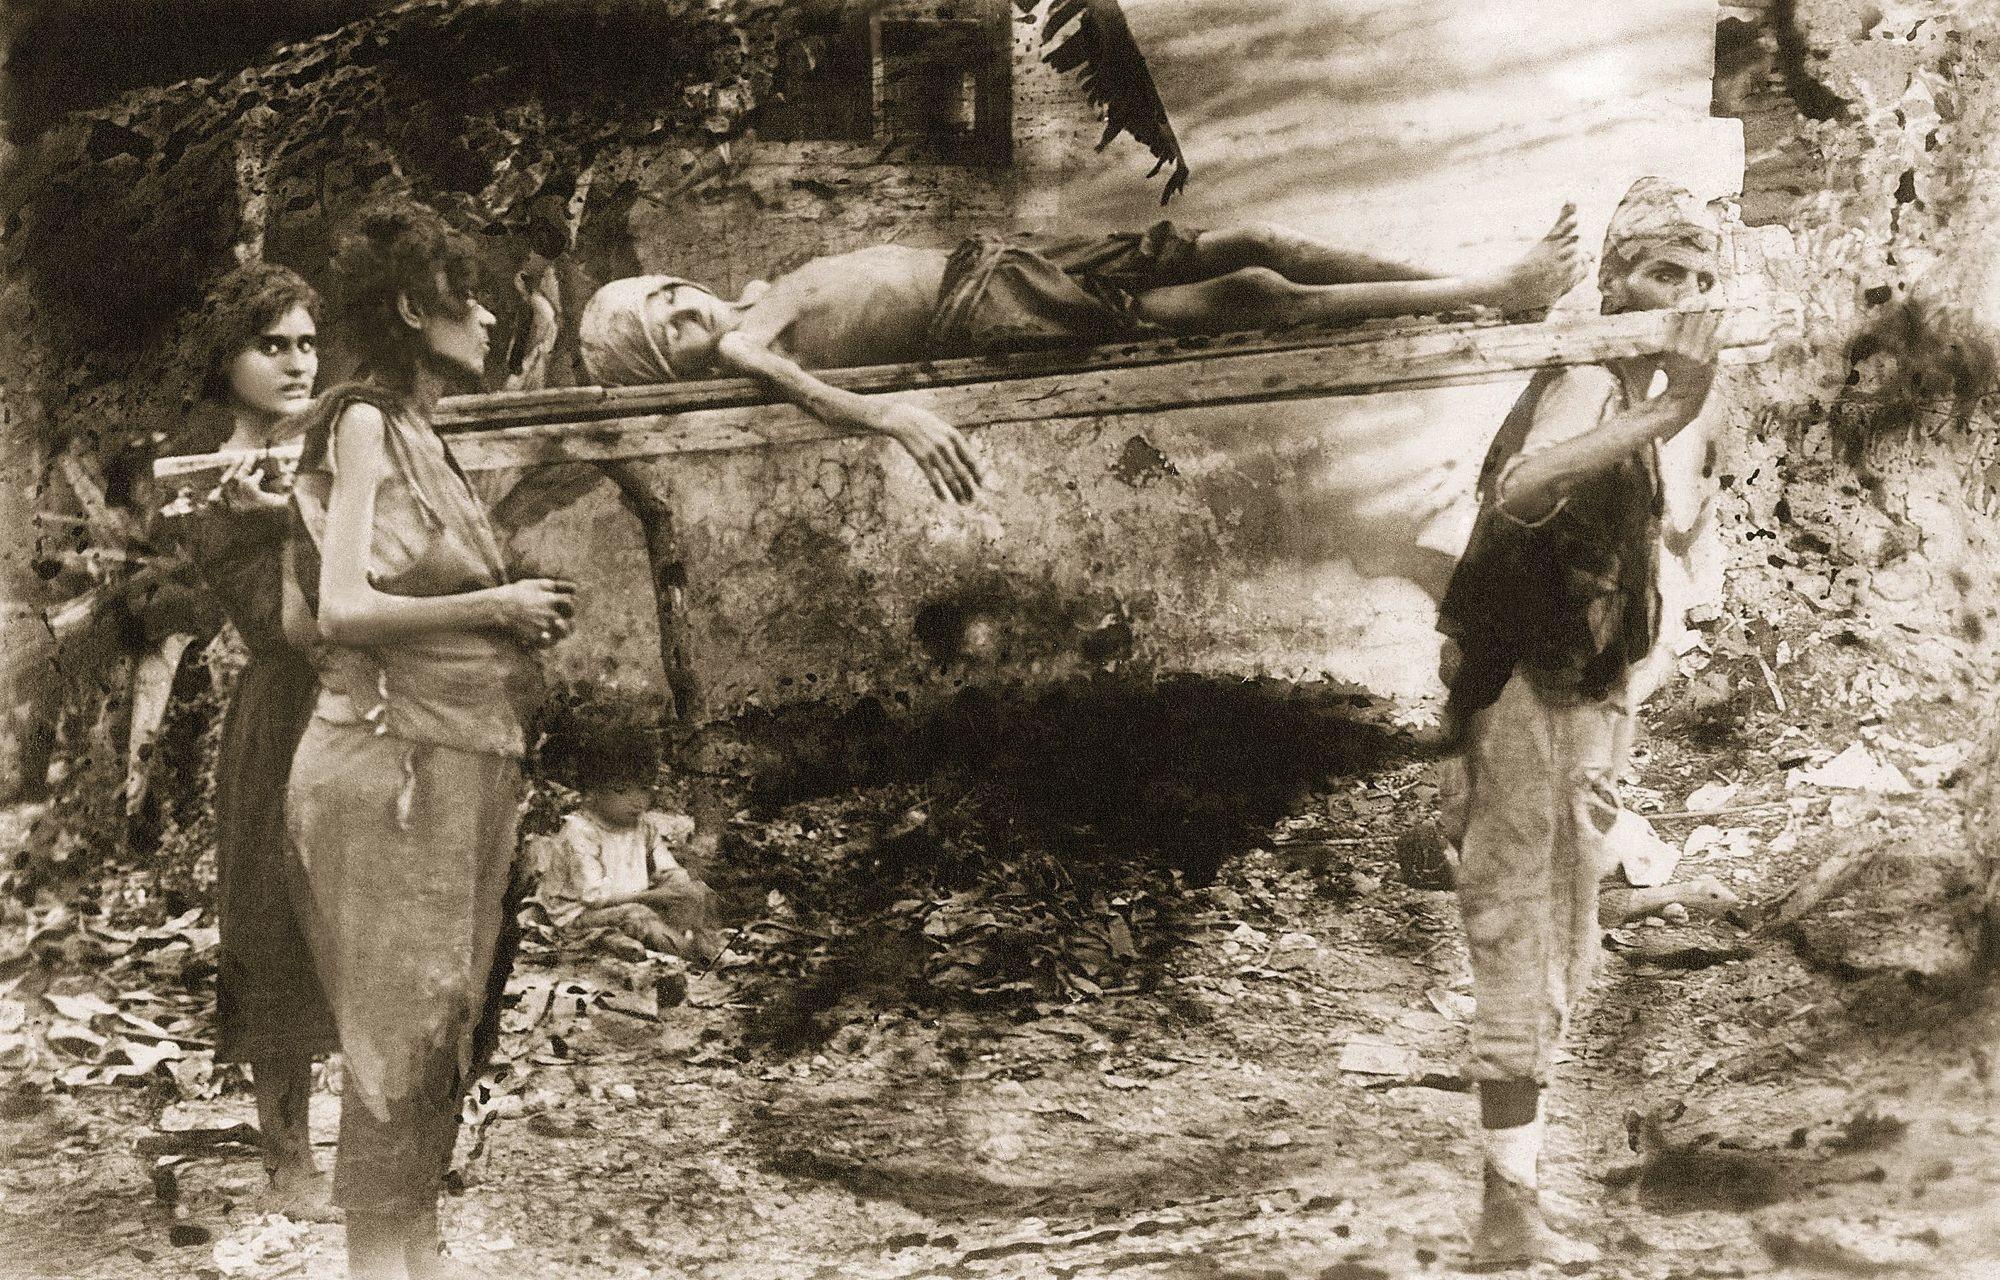 Photographie, v. 1916. © Collection privée Ibrahim Naoum Kanaan. Autorisation de reproduction spécialement donnée par Mme Nayla Kanaan Issa-el-Khoury.